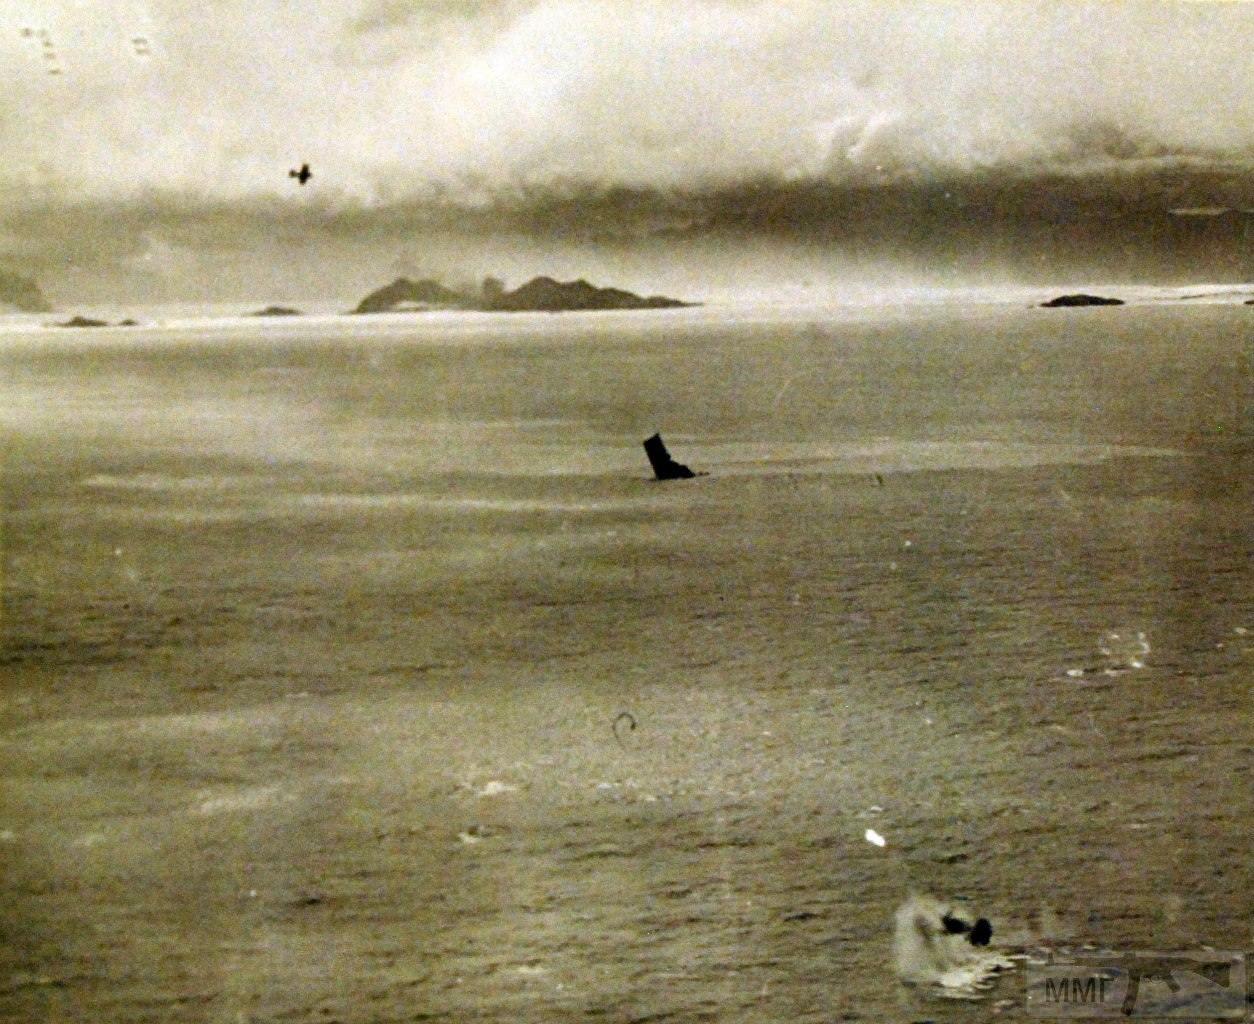 17106 - Военное фото 1941-1945 г.г. Тихий океан.